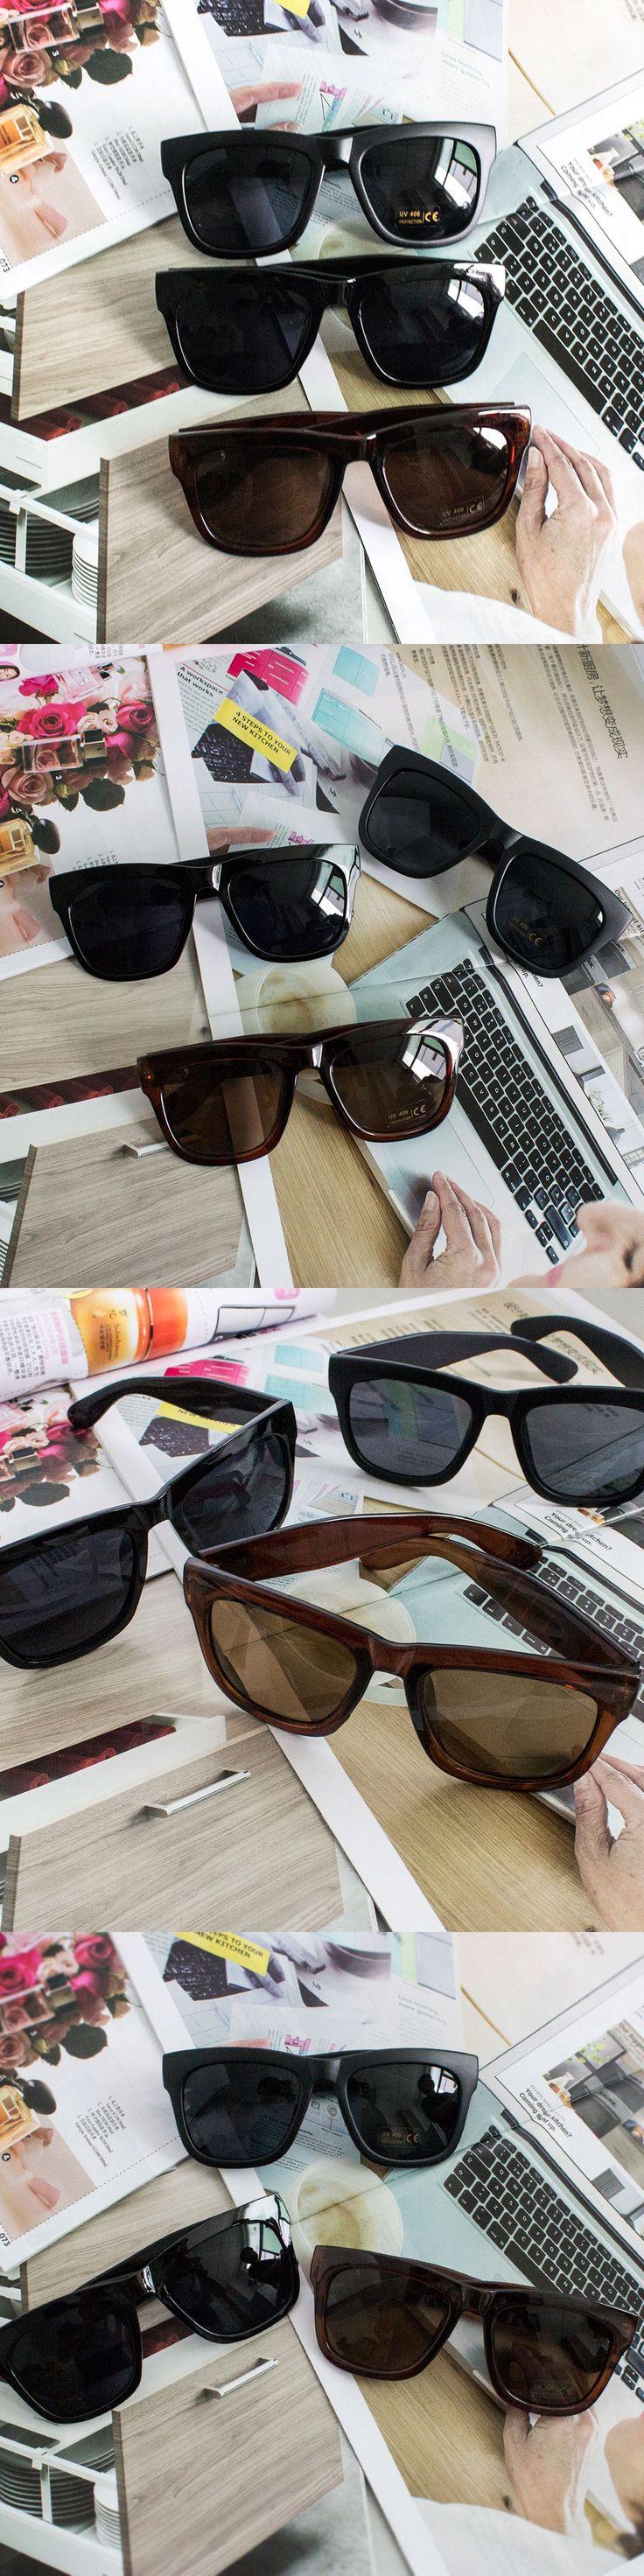 2016 Hot Fashion Black Fashion Cool  Vintage Mens Womens 80's Unisex Black Lens Sunglasses